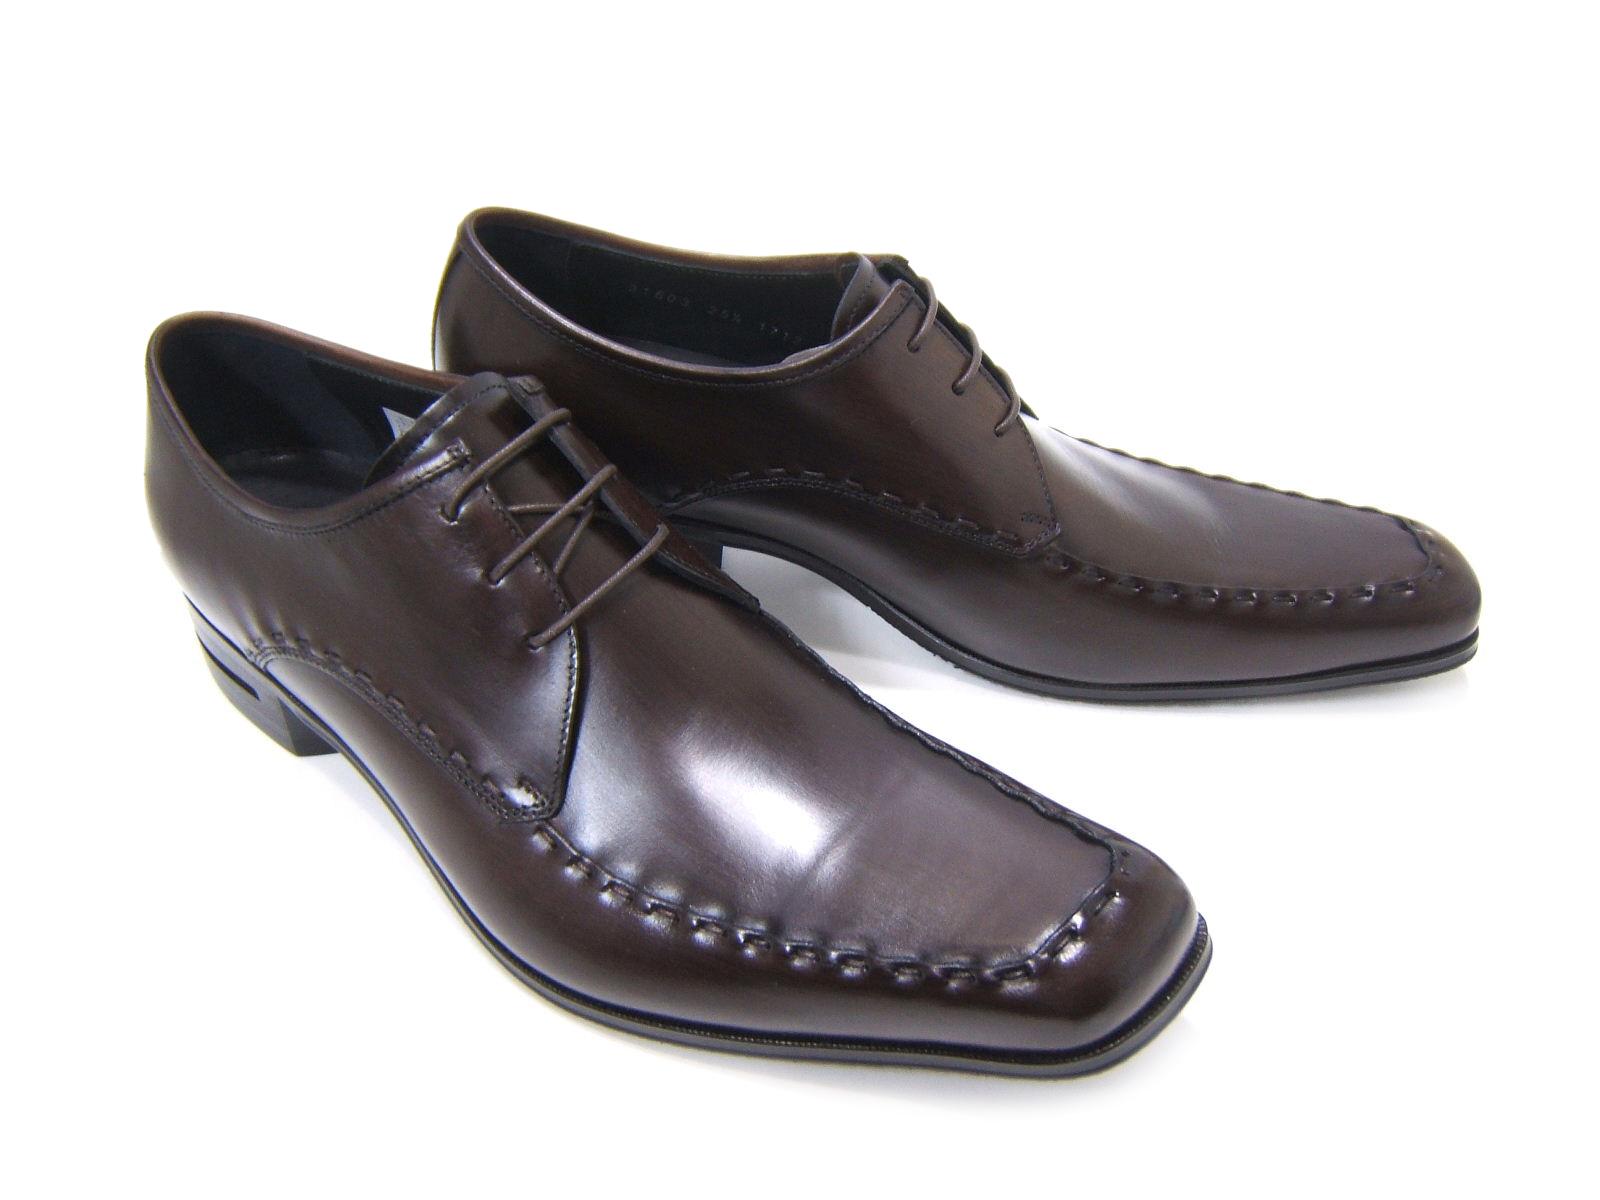 英国で培われた伝統のスタイルを正統継承!KATHARINE HAMNETT LONDON キャサリン ハムネット ロンドン紳士靴 KH-31603 ダークブラウン Uチップ 飾り縫い 外羽根 スクエアトゥ 送料無料